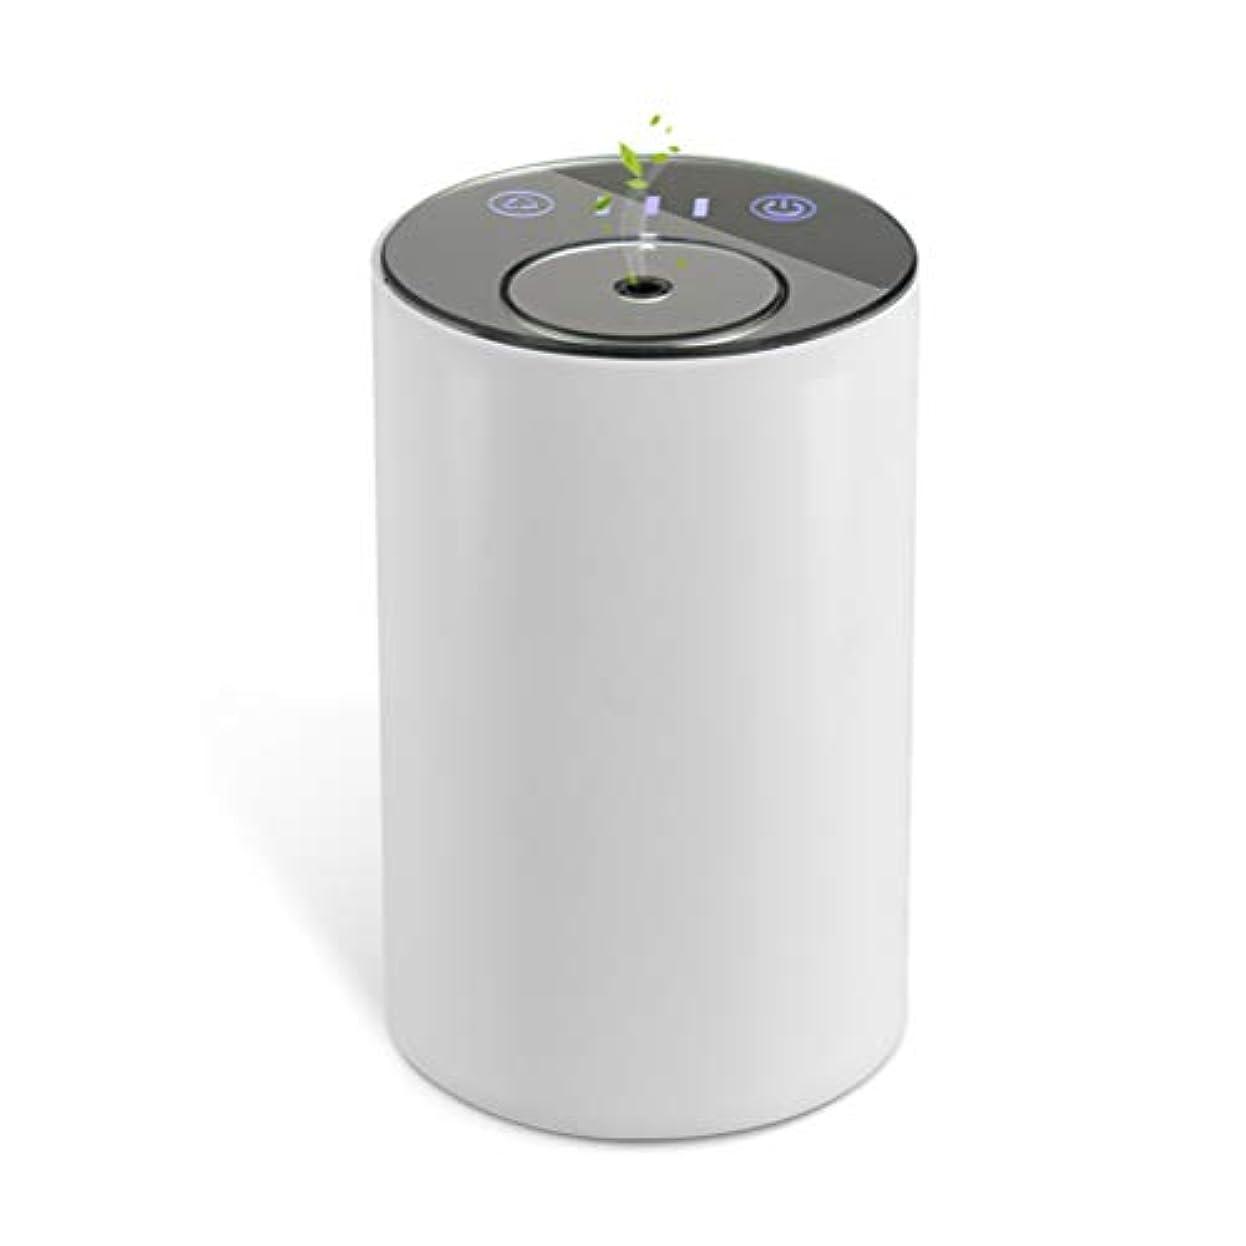 川無本気アロマディフューザー ネブライザー式 水なし 充電式 静音 噴霧 ミスト量調整可 タイマー機能 車用 エッセンシャルオイルの節約